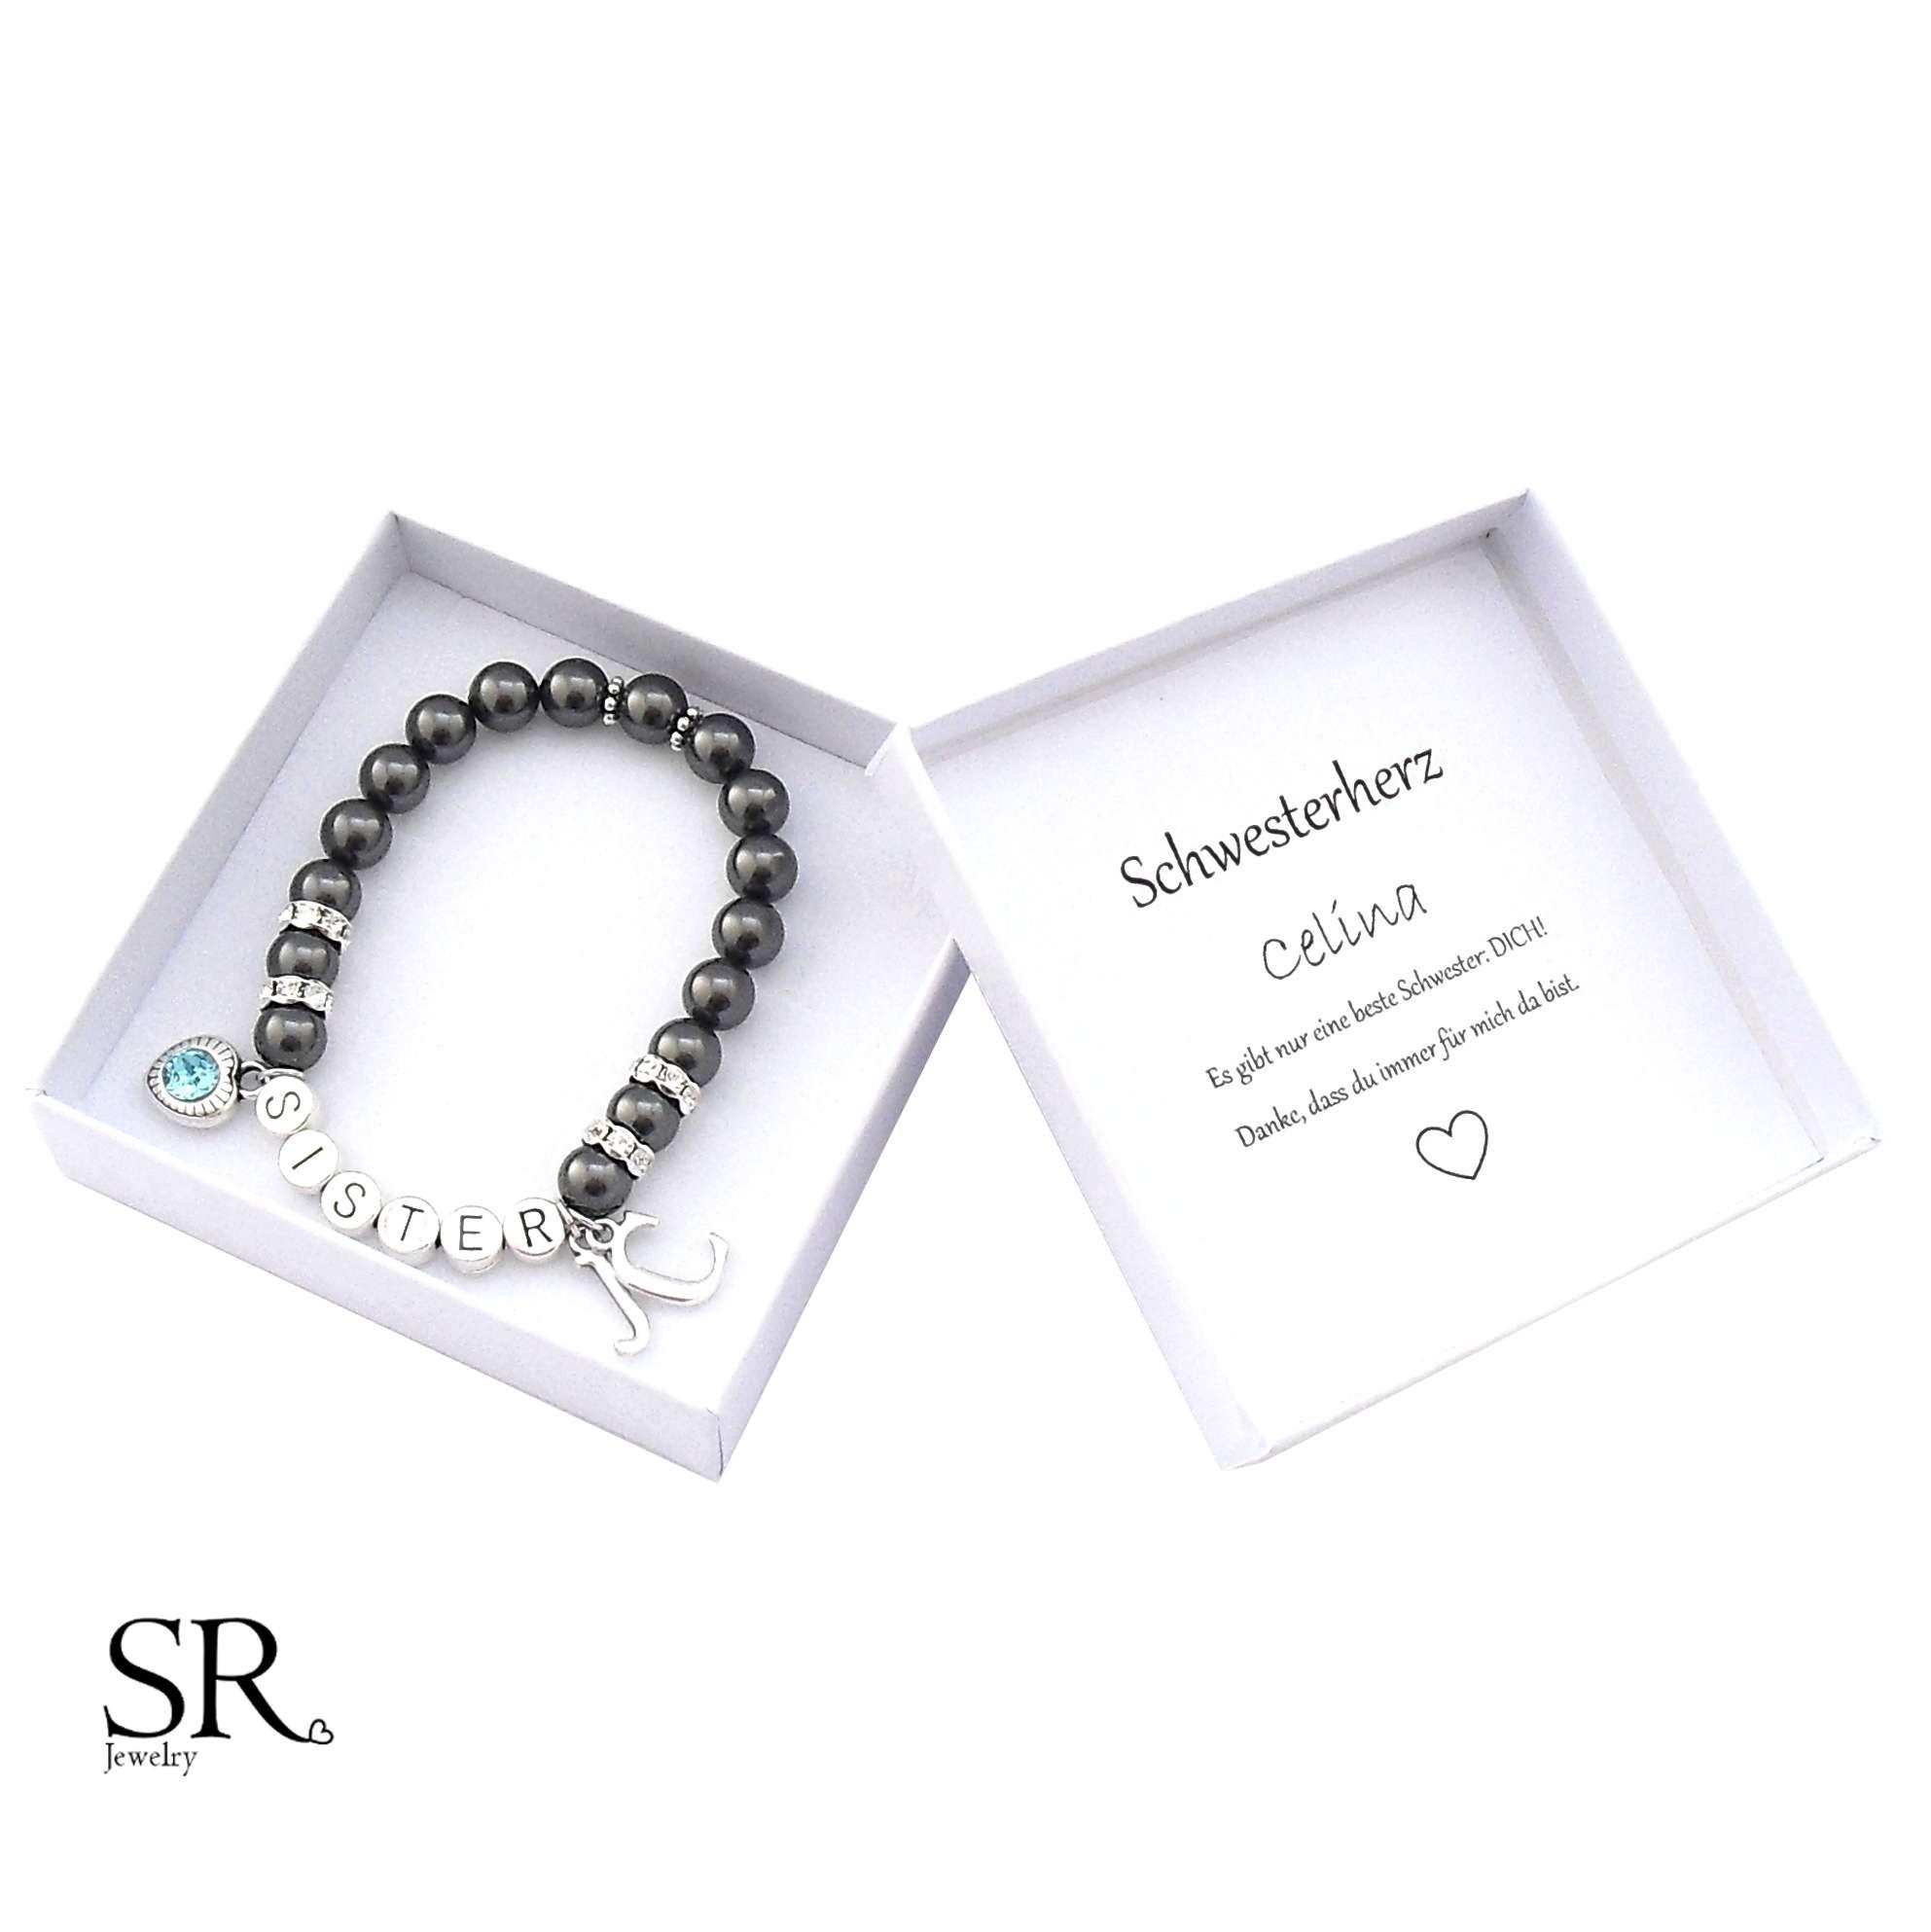 Schwester Armband günstig online bestellen   SR Jewelry